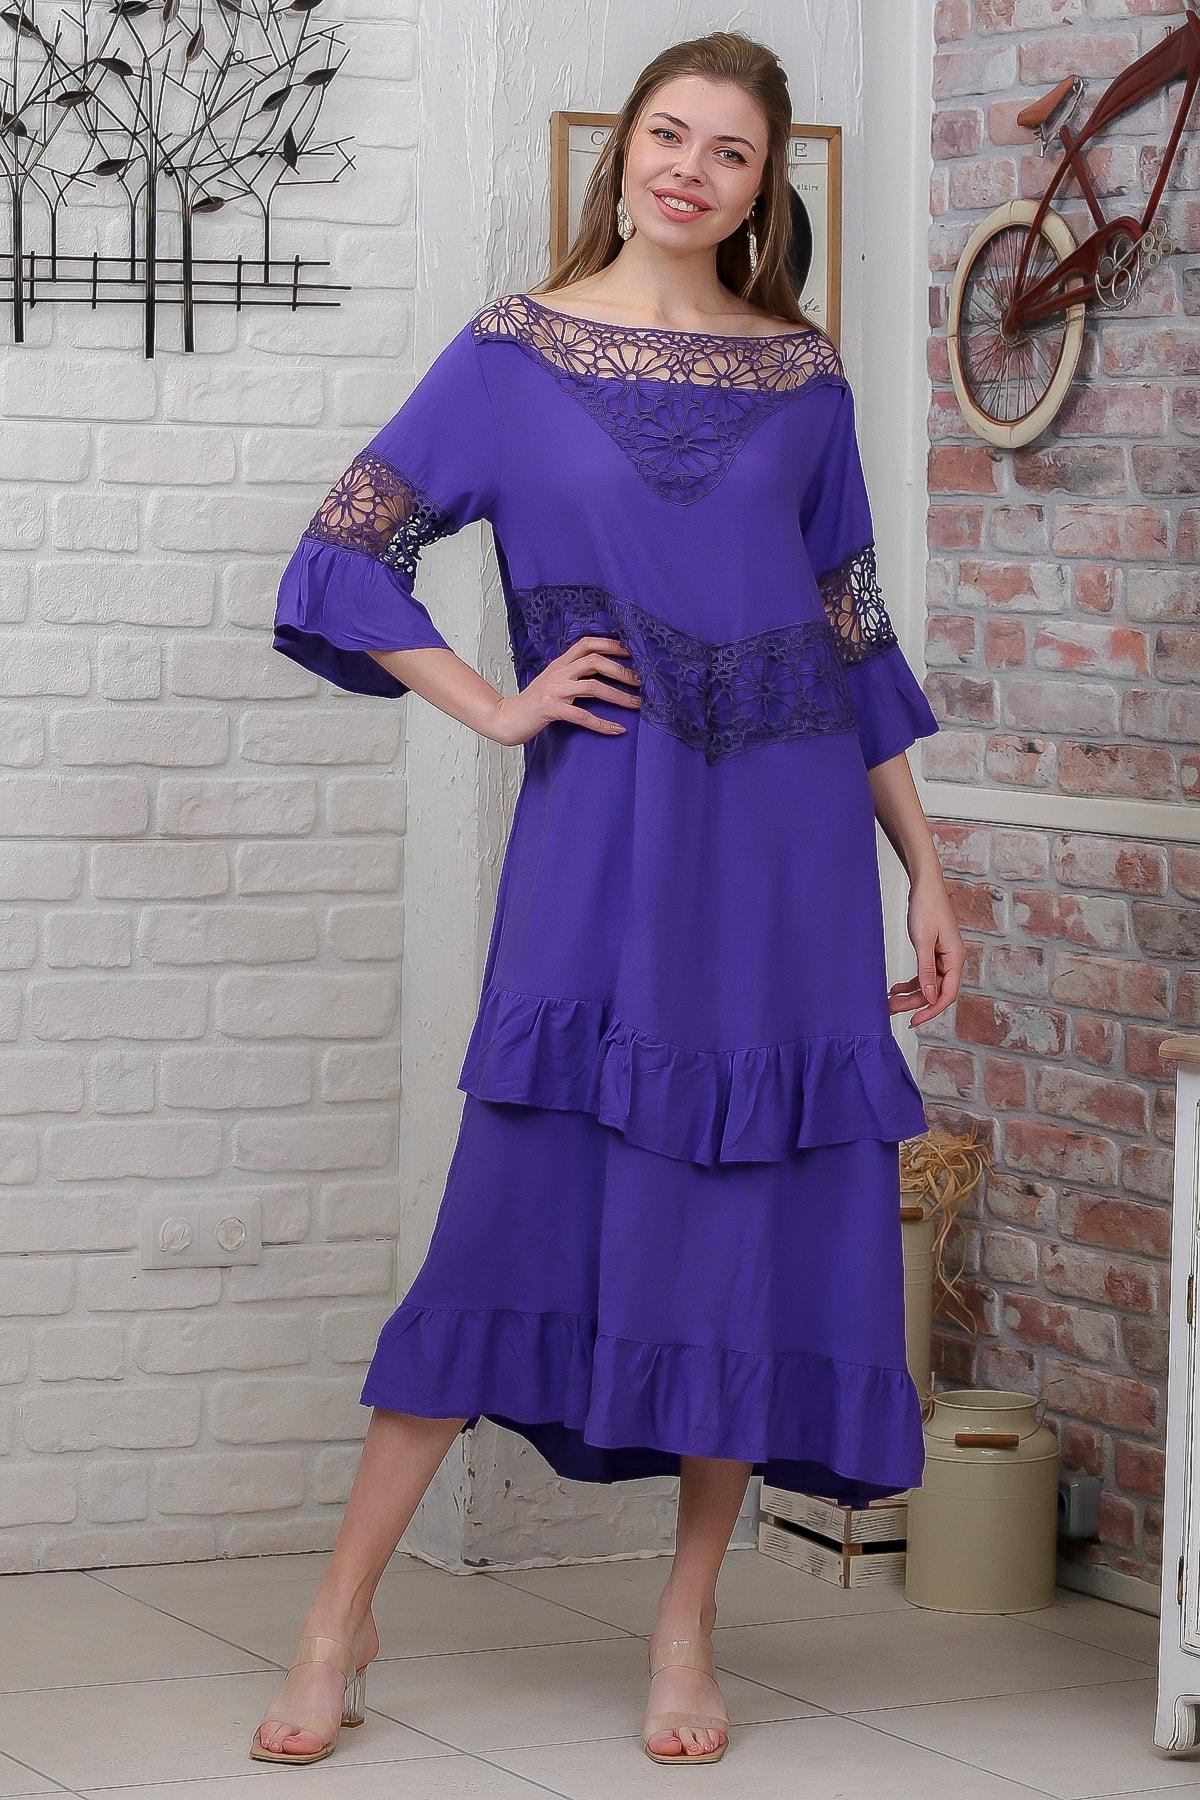 Chiccy Kadın Mor Dantel Detaylı Fırfırlı Dokuma Elbise M10160000EL95527